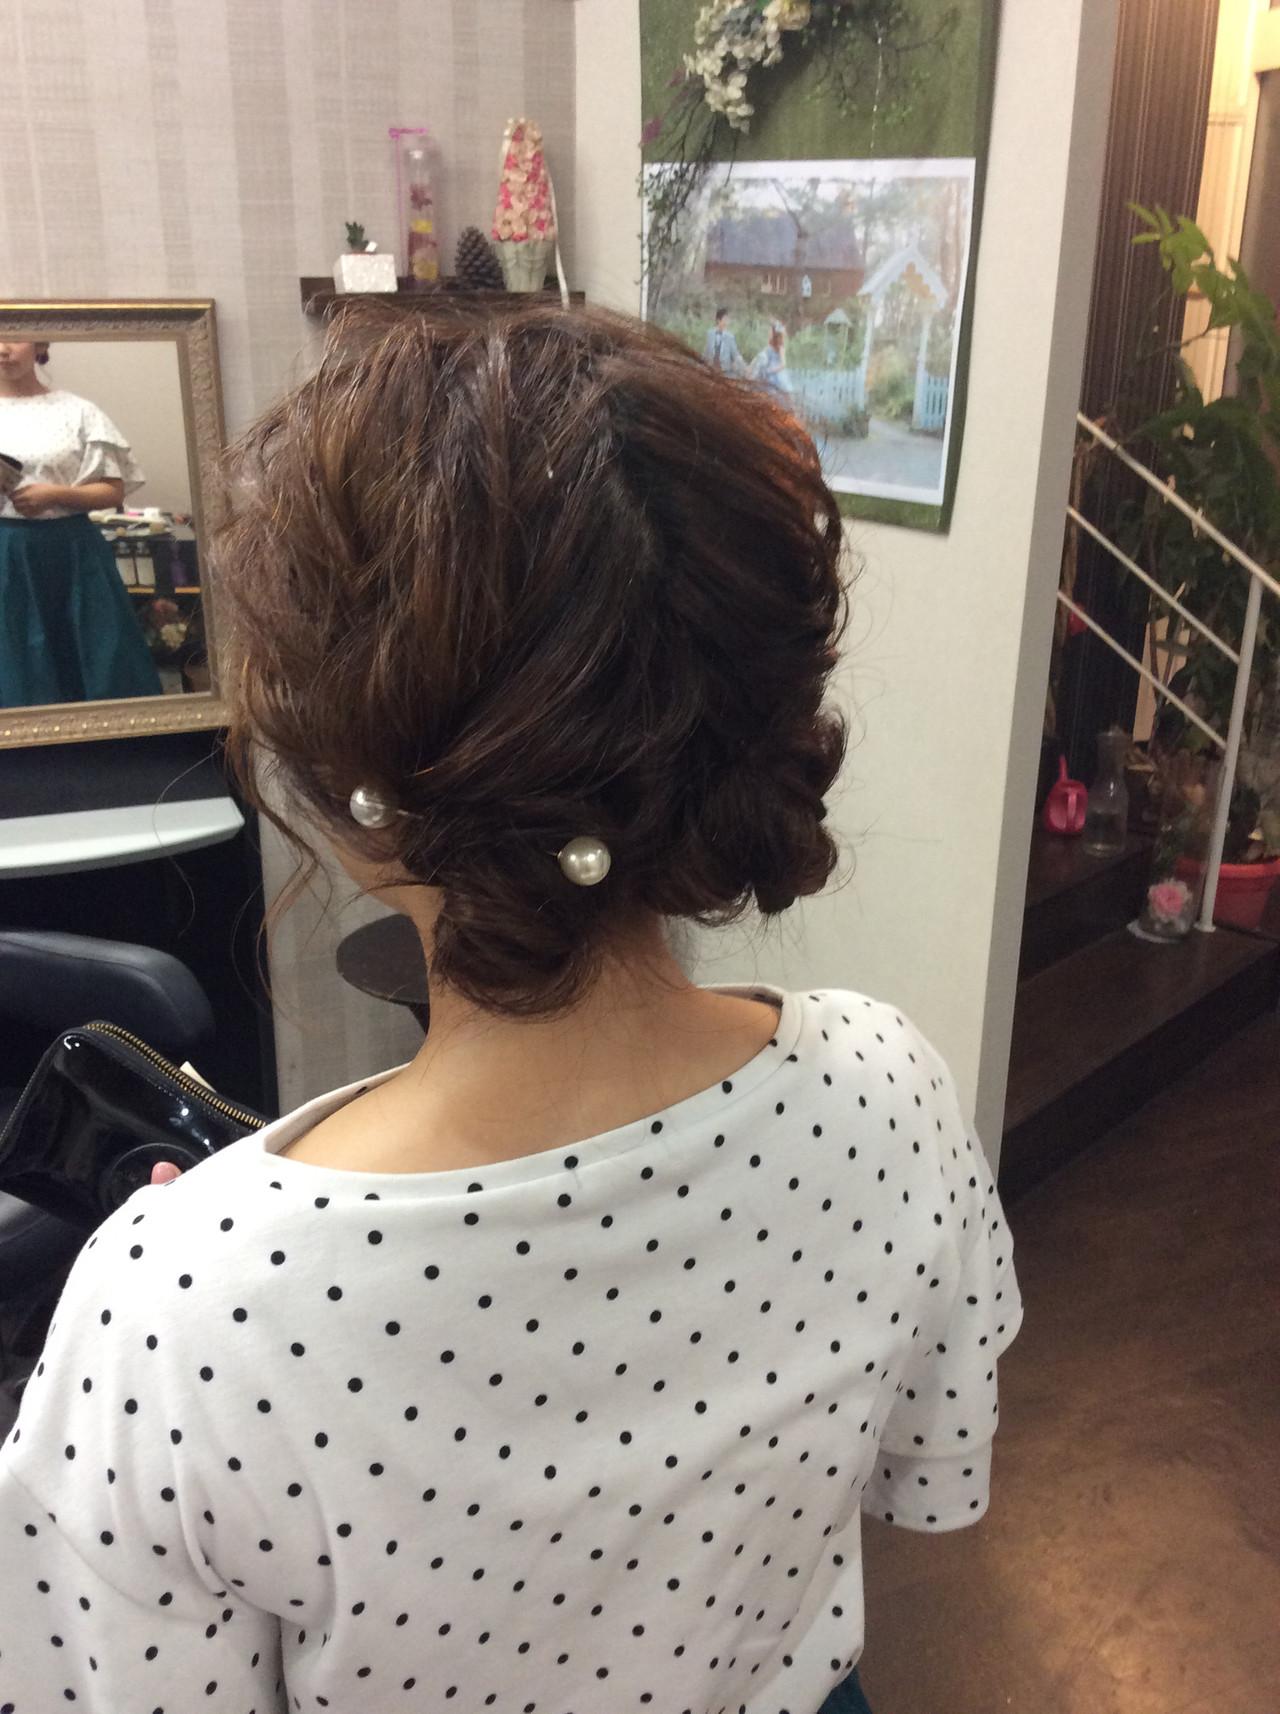 ヘアアレンジ デート ミディアム 簡単ヘアアレンジ ヘアスタイルや髪型の写真・画像 | rumiLINKS美容室 / リンクス美容室